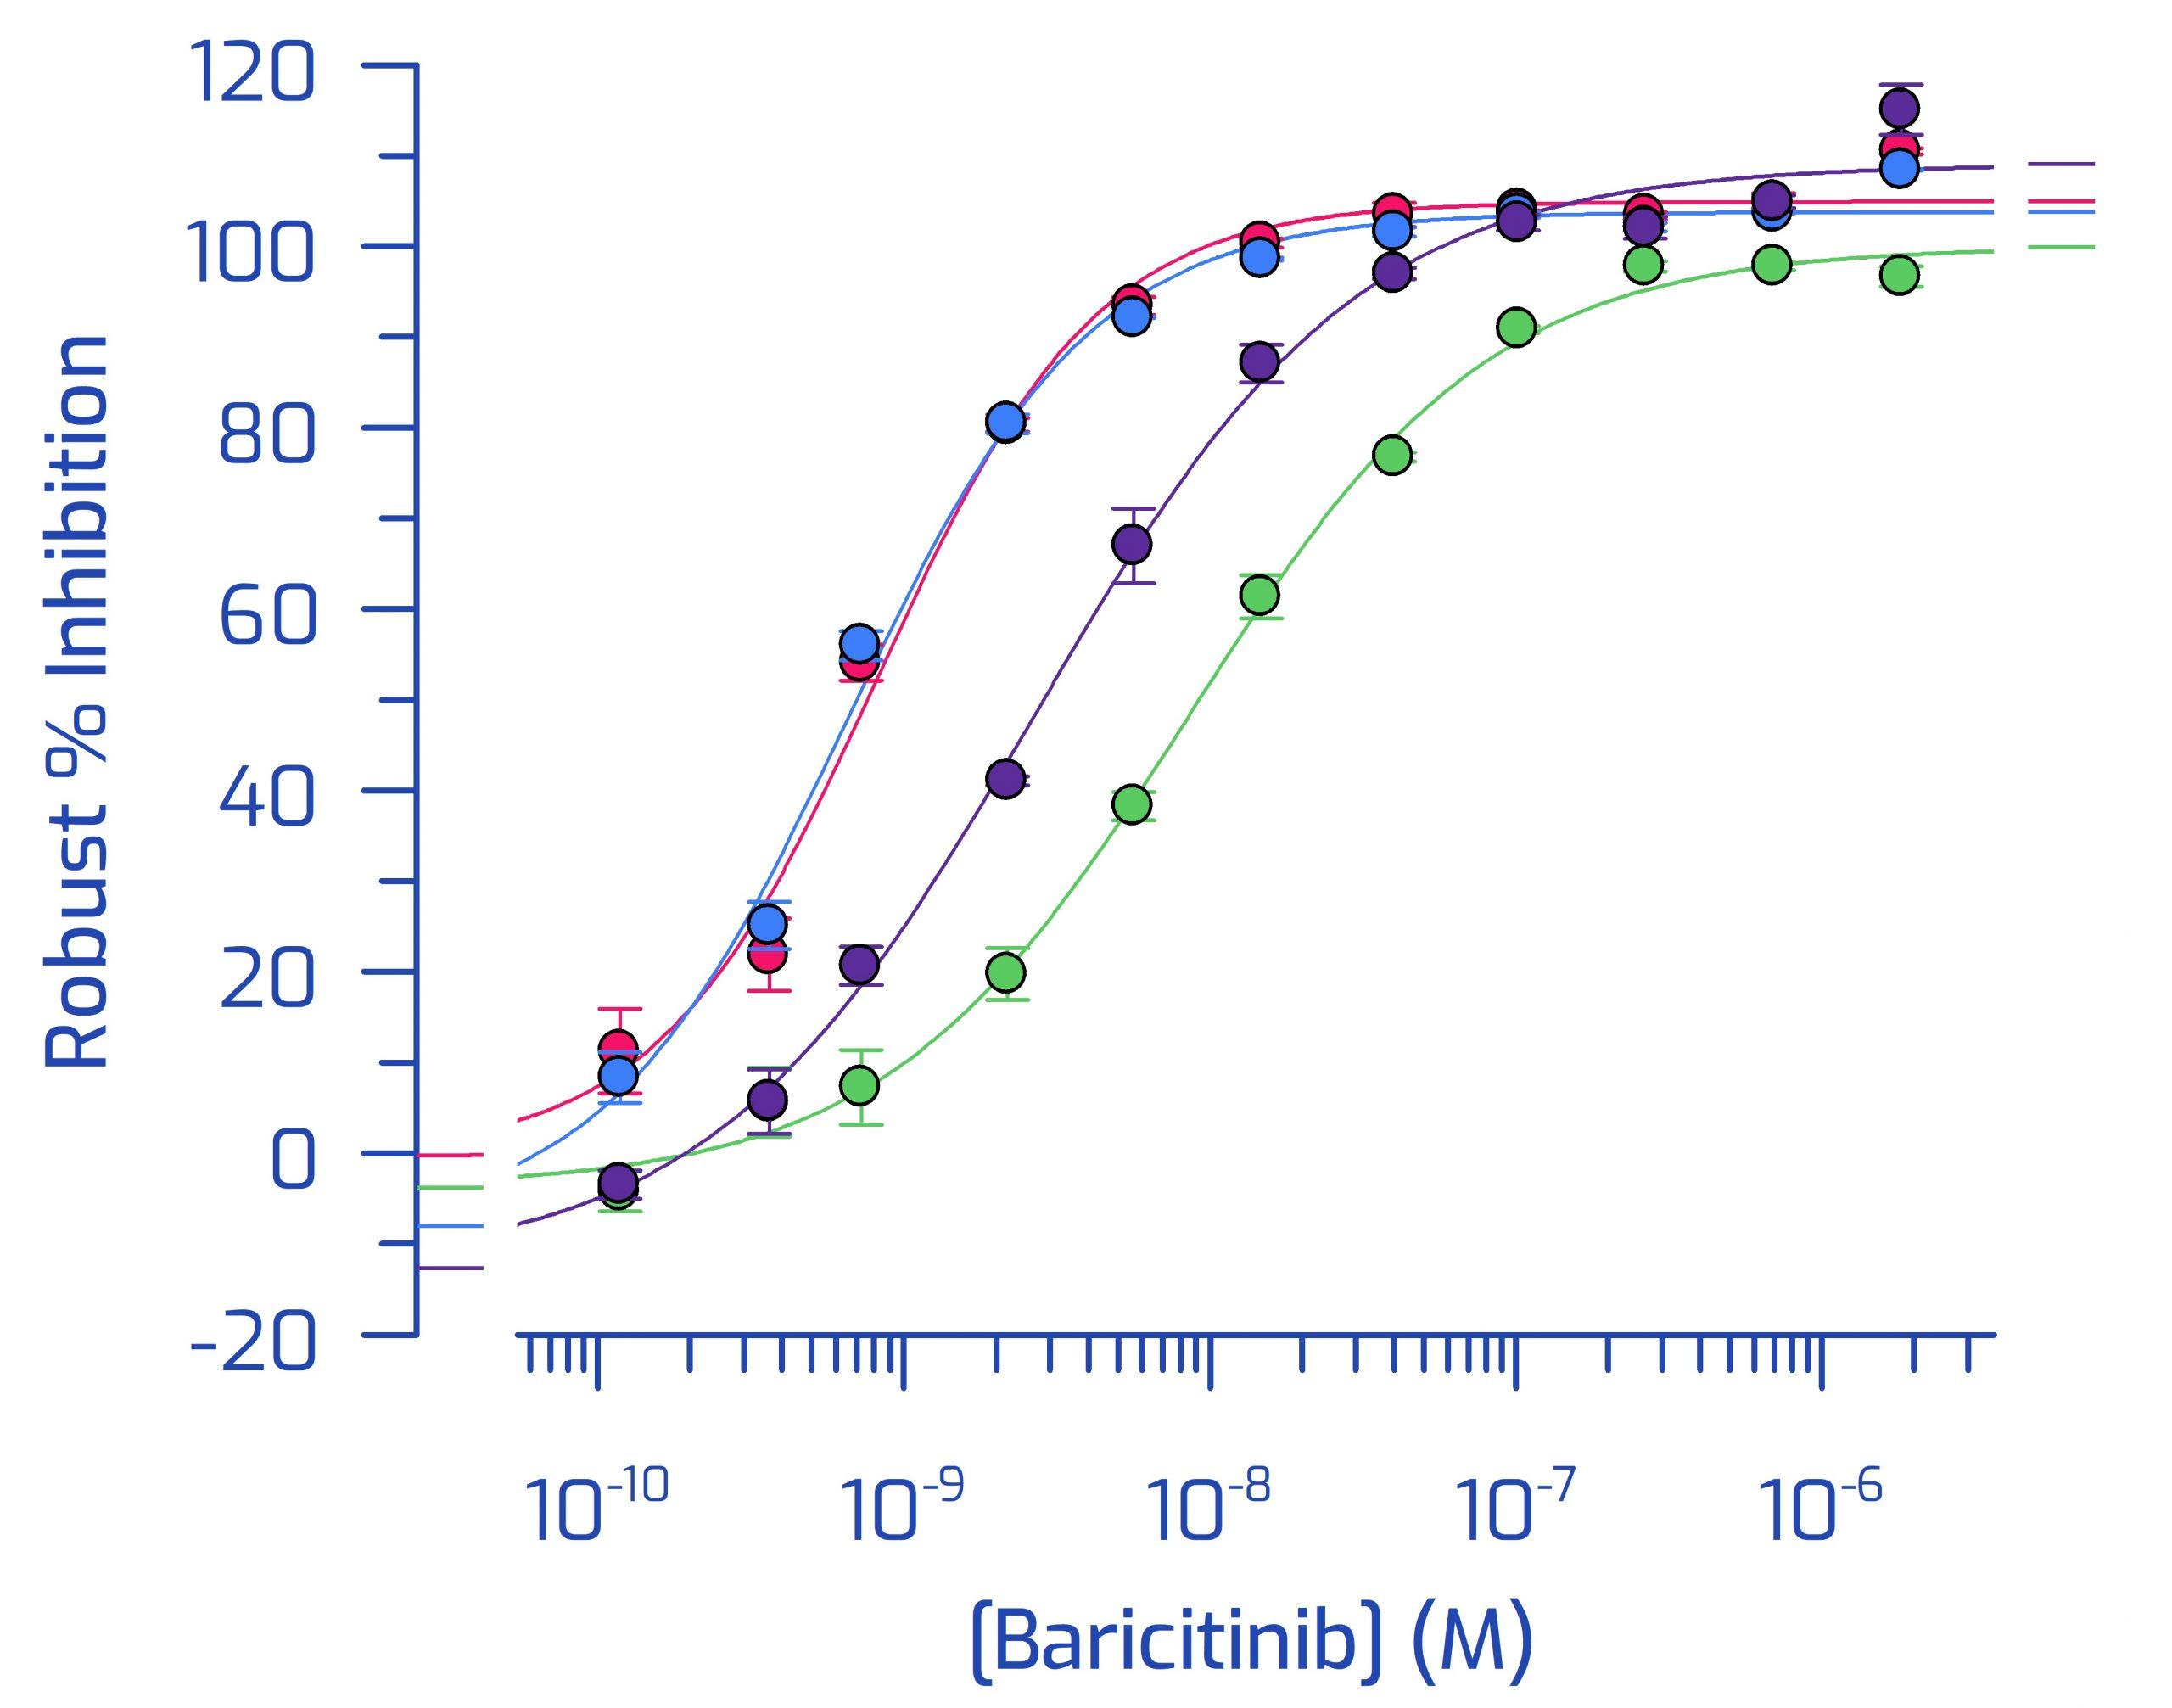 Bariticinib